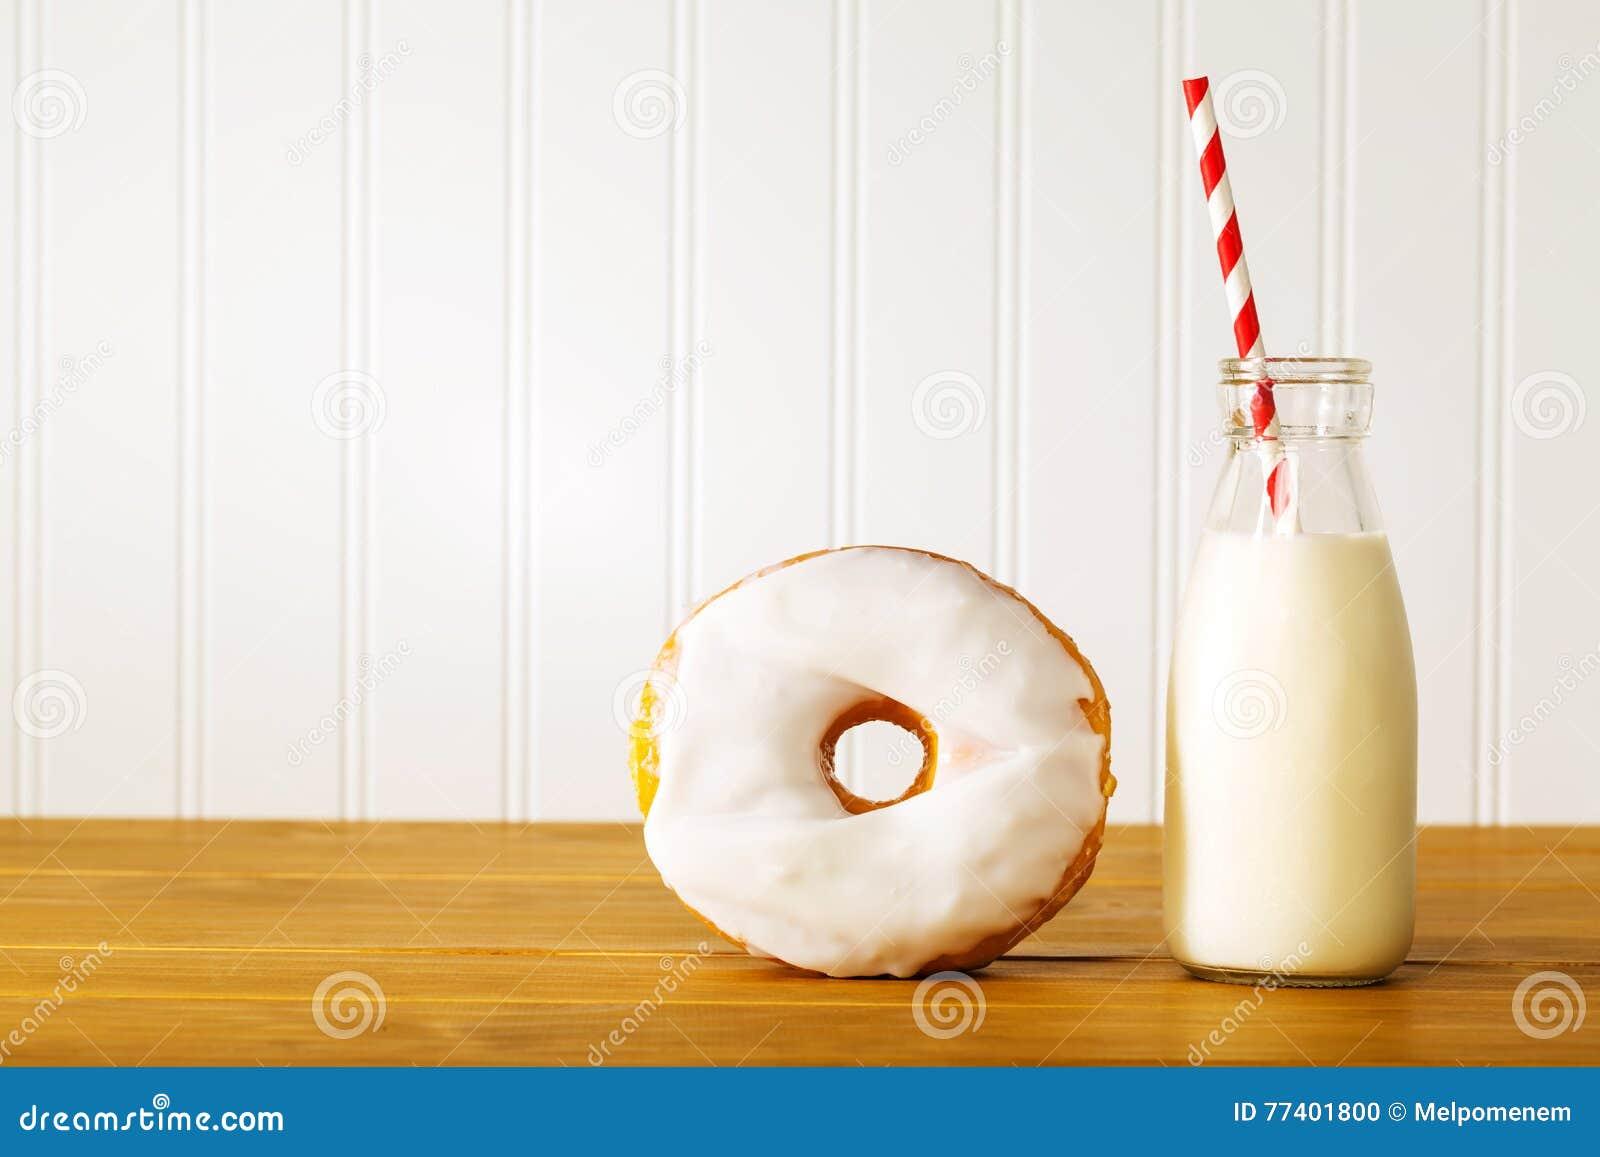 Witte verglaasde doughnut met kruik melk